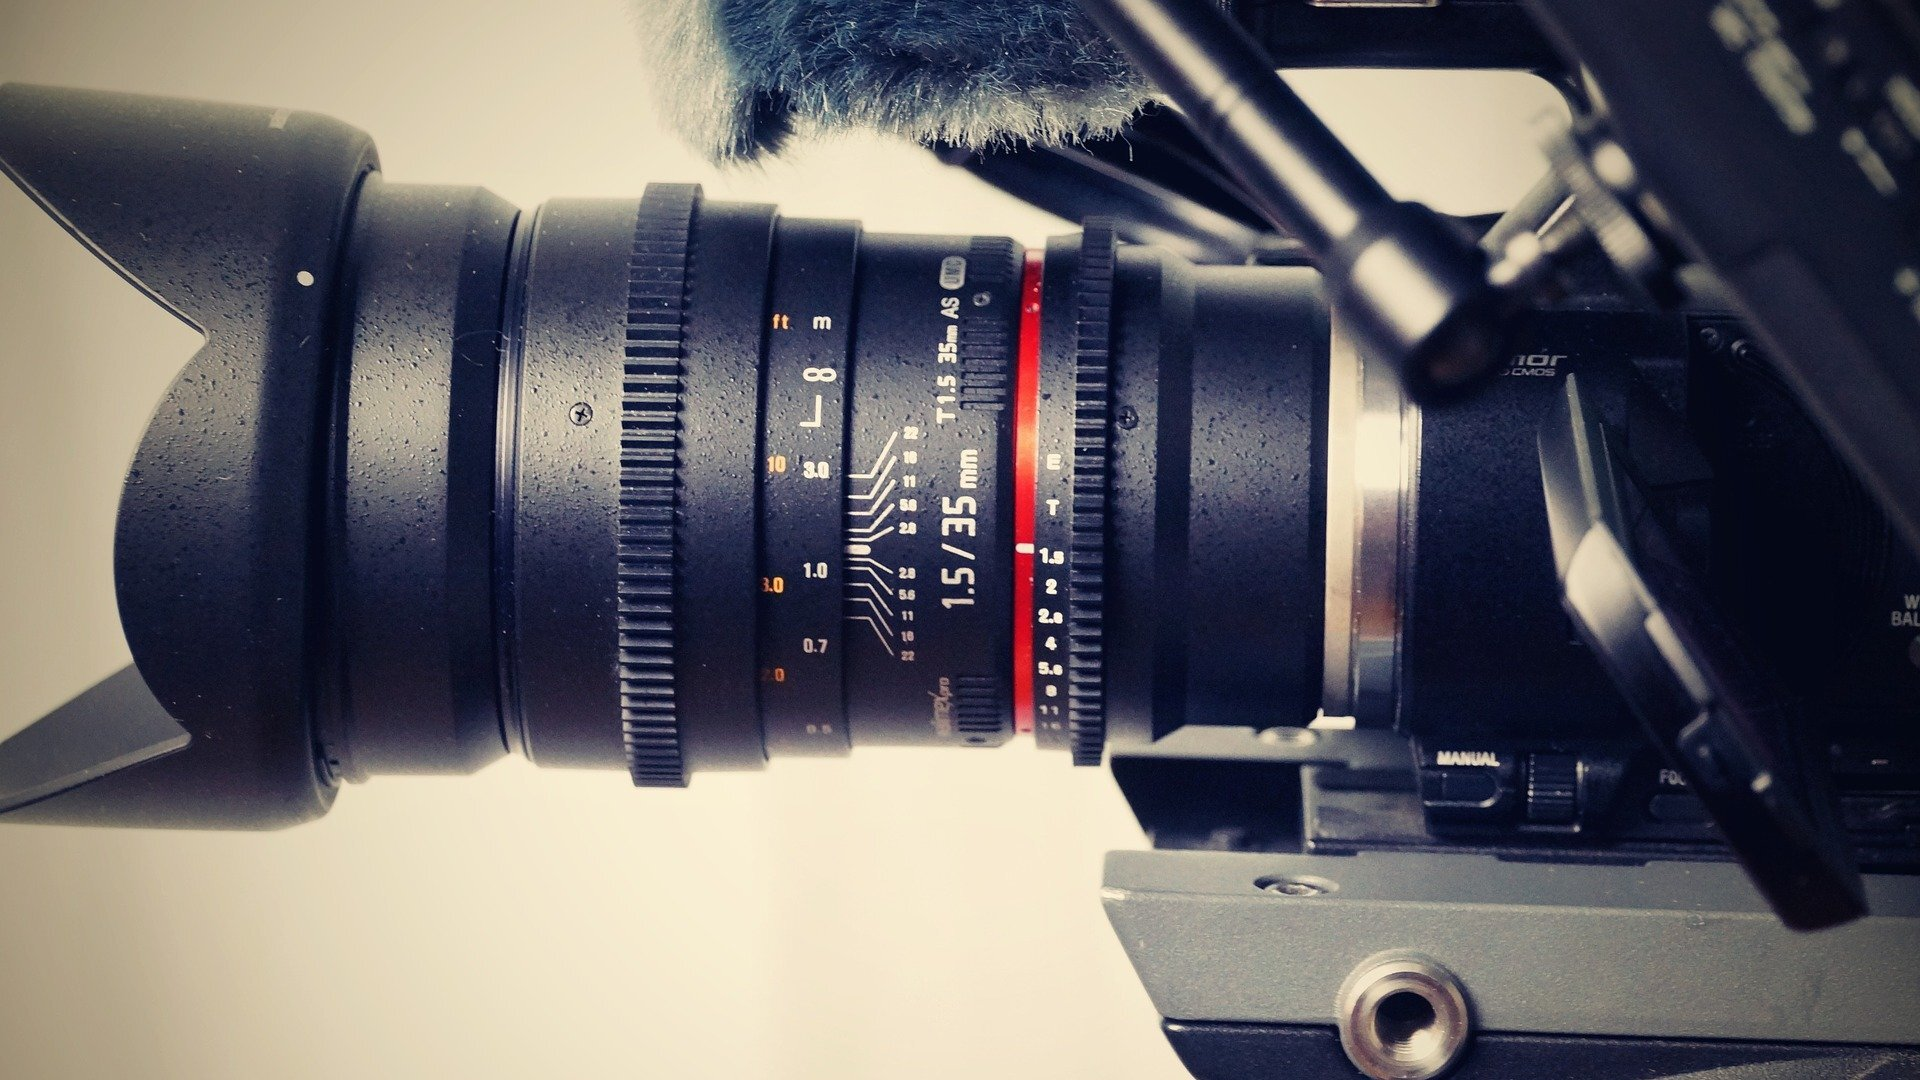 Objectif Sony : notre top des meilleures optiques Sony de 2021